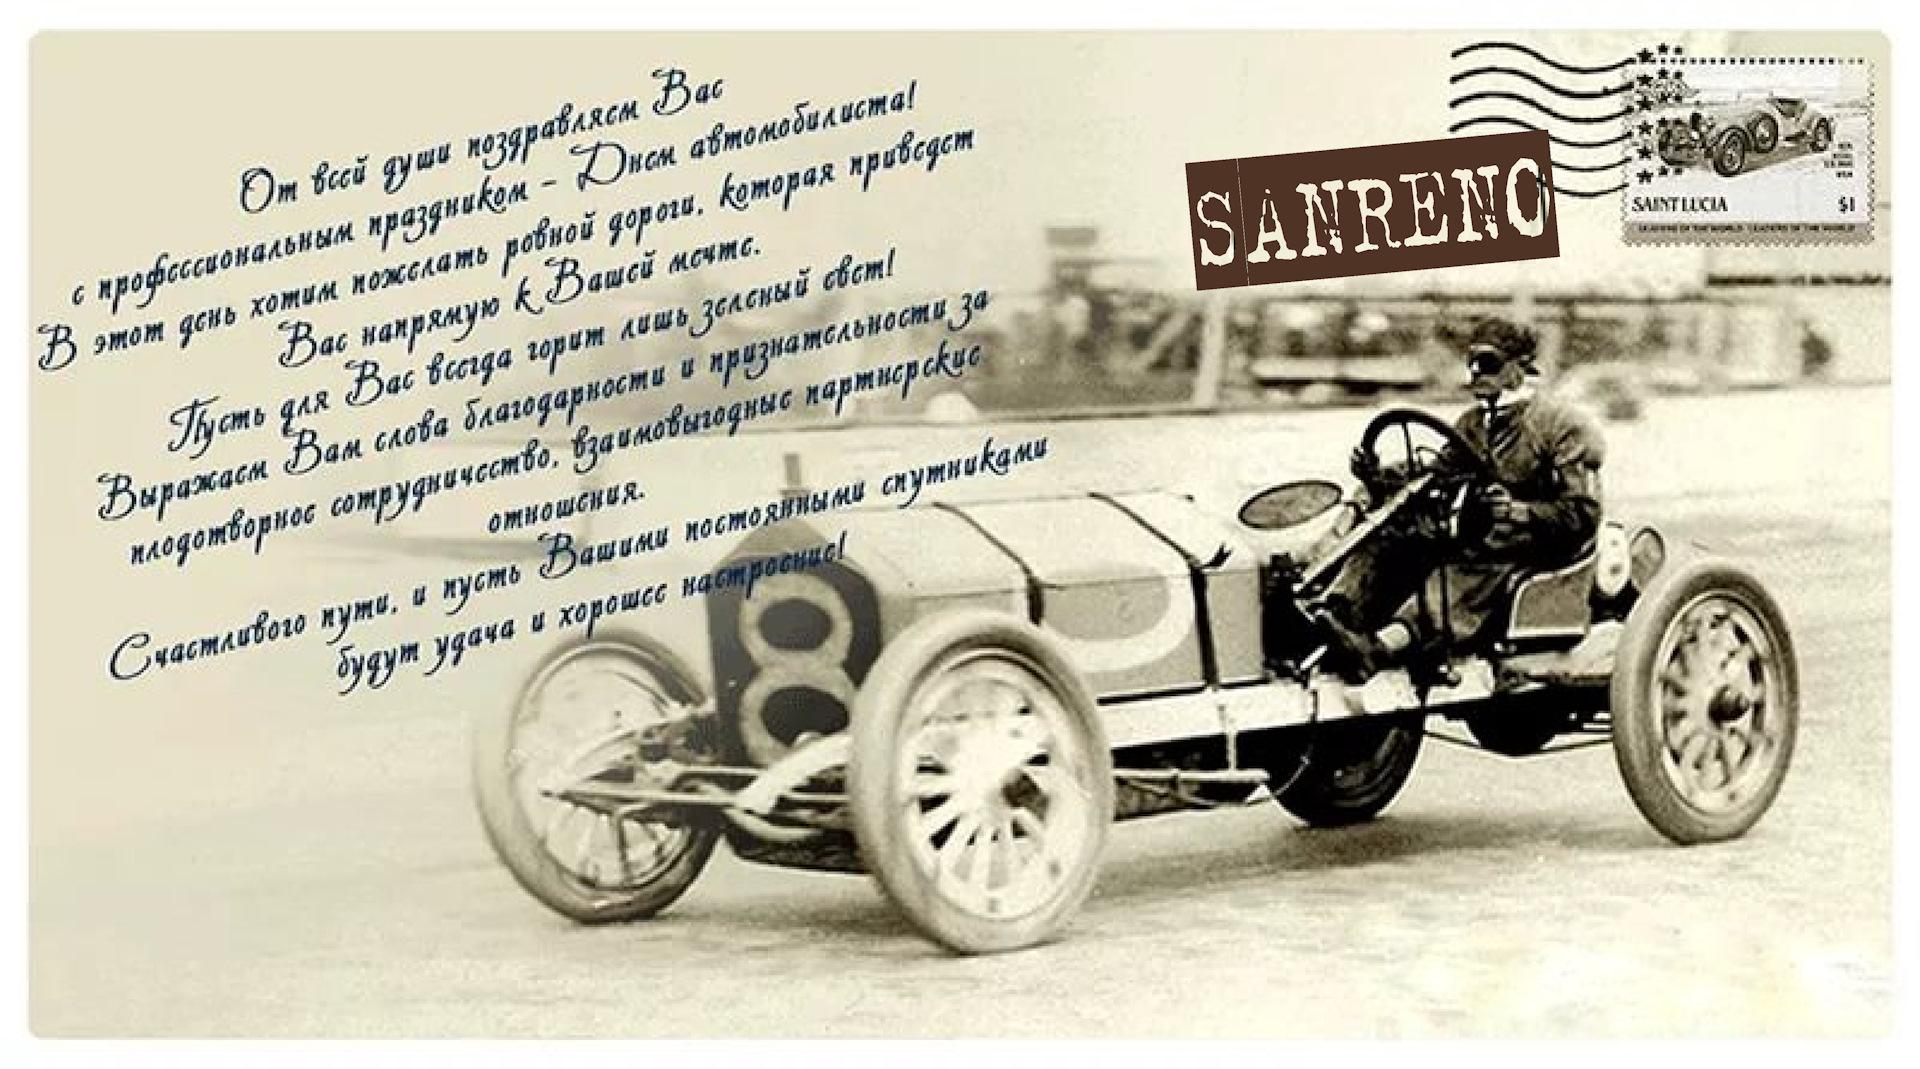 Поздравление с днем рождения механика водителя